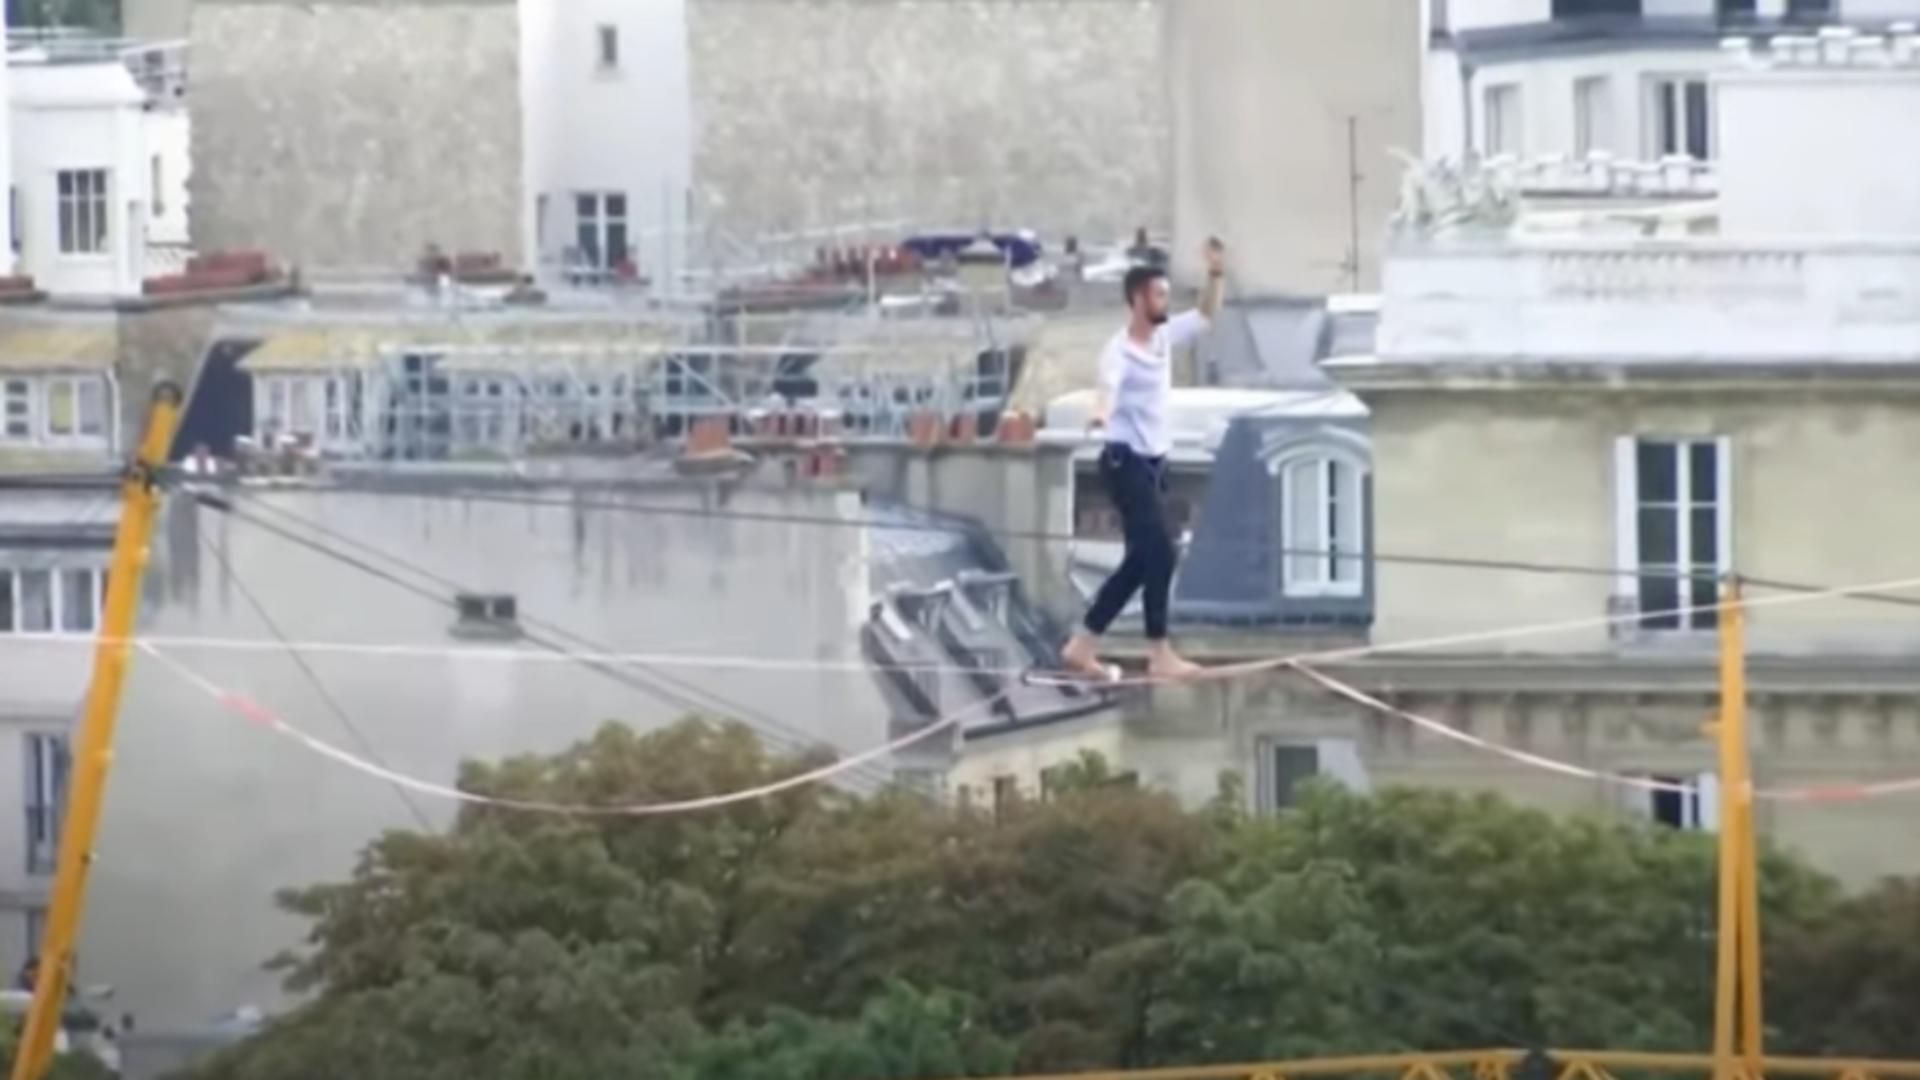 Cascador în Paris. Foto: captură YouTube